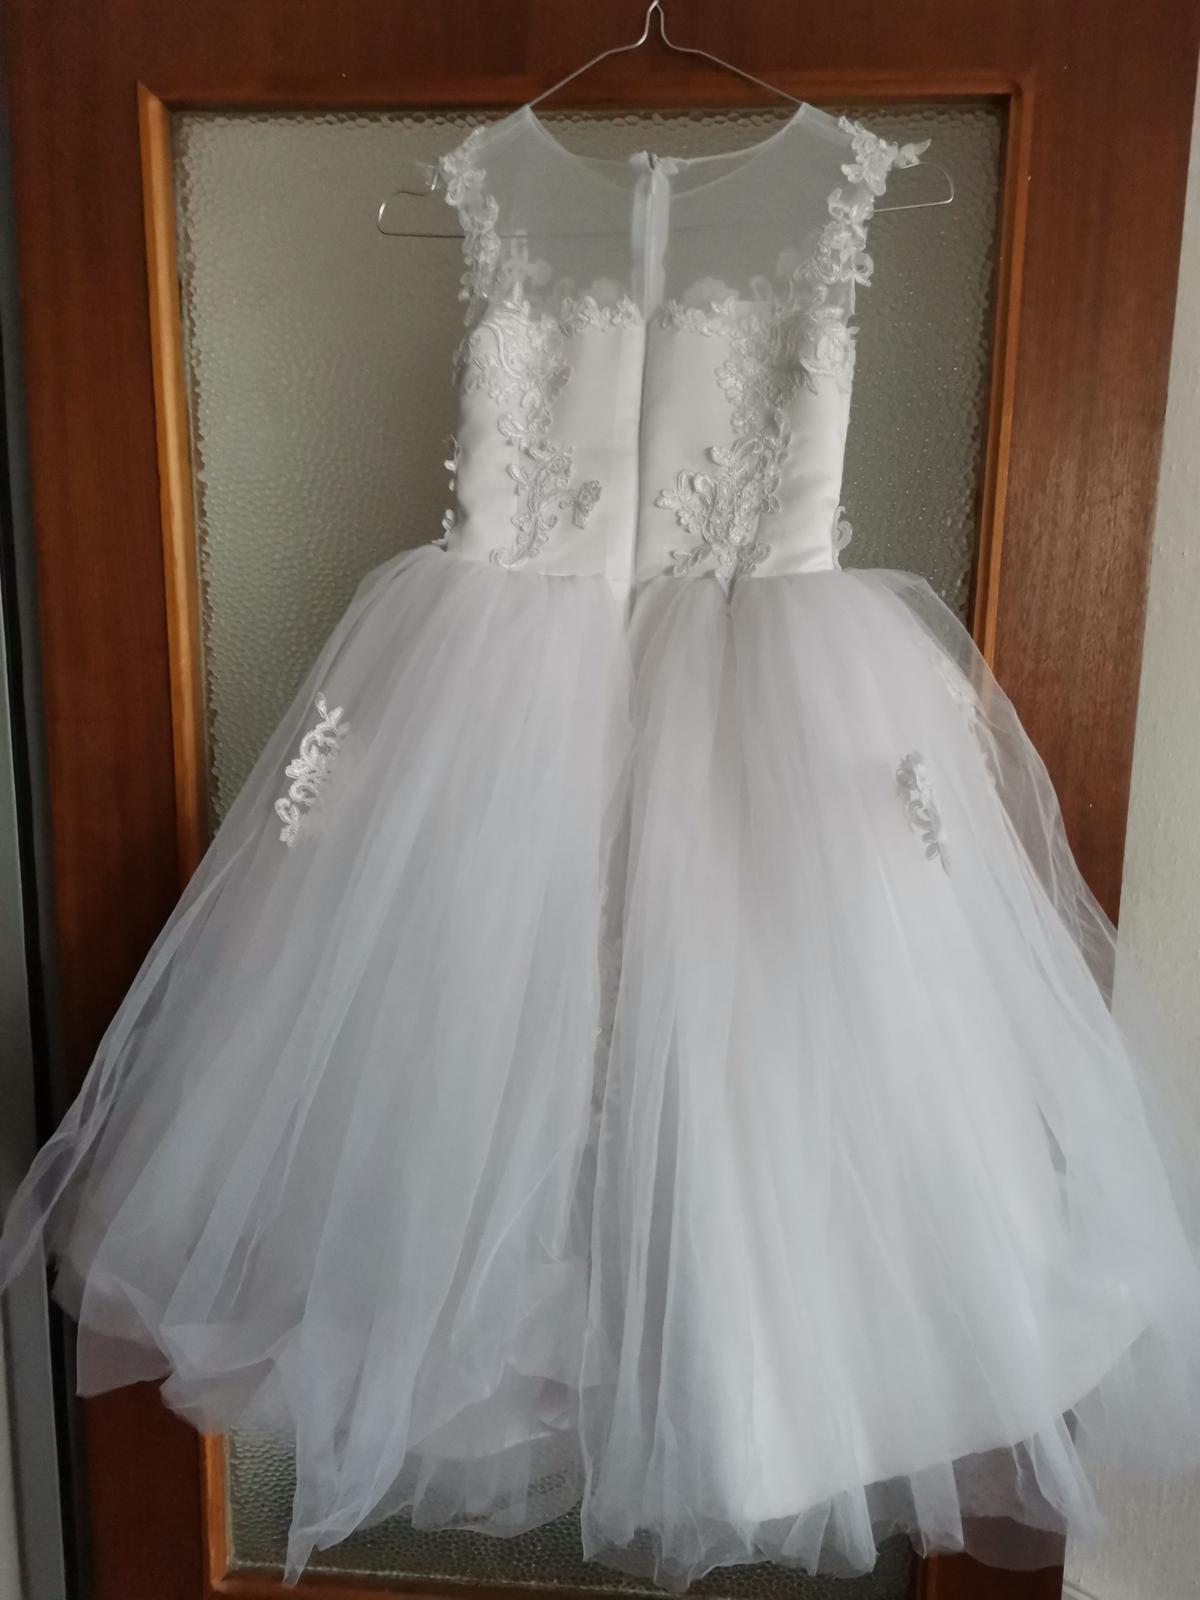 Biele šaty pre družičku - Obrázok č. 1